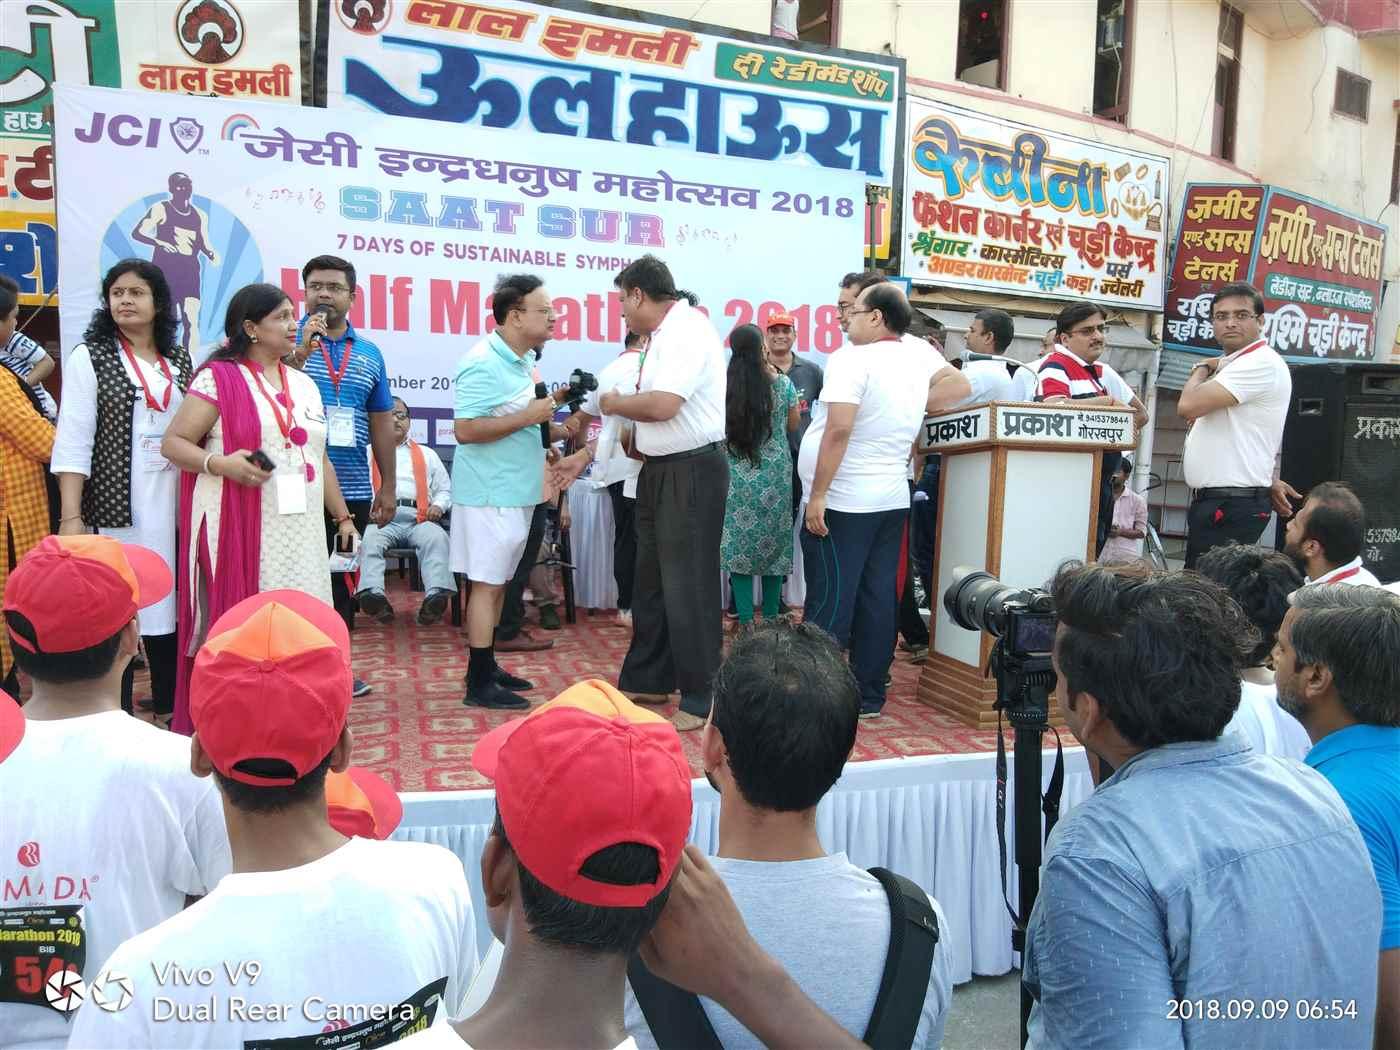 IMG_20180909_065431 - Bhanu Pratap Singh